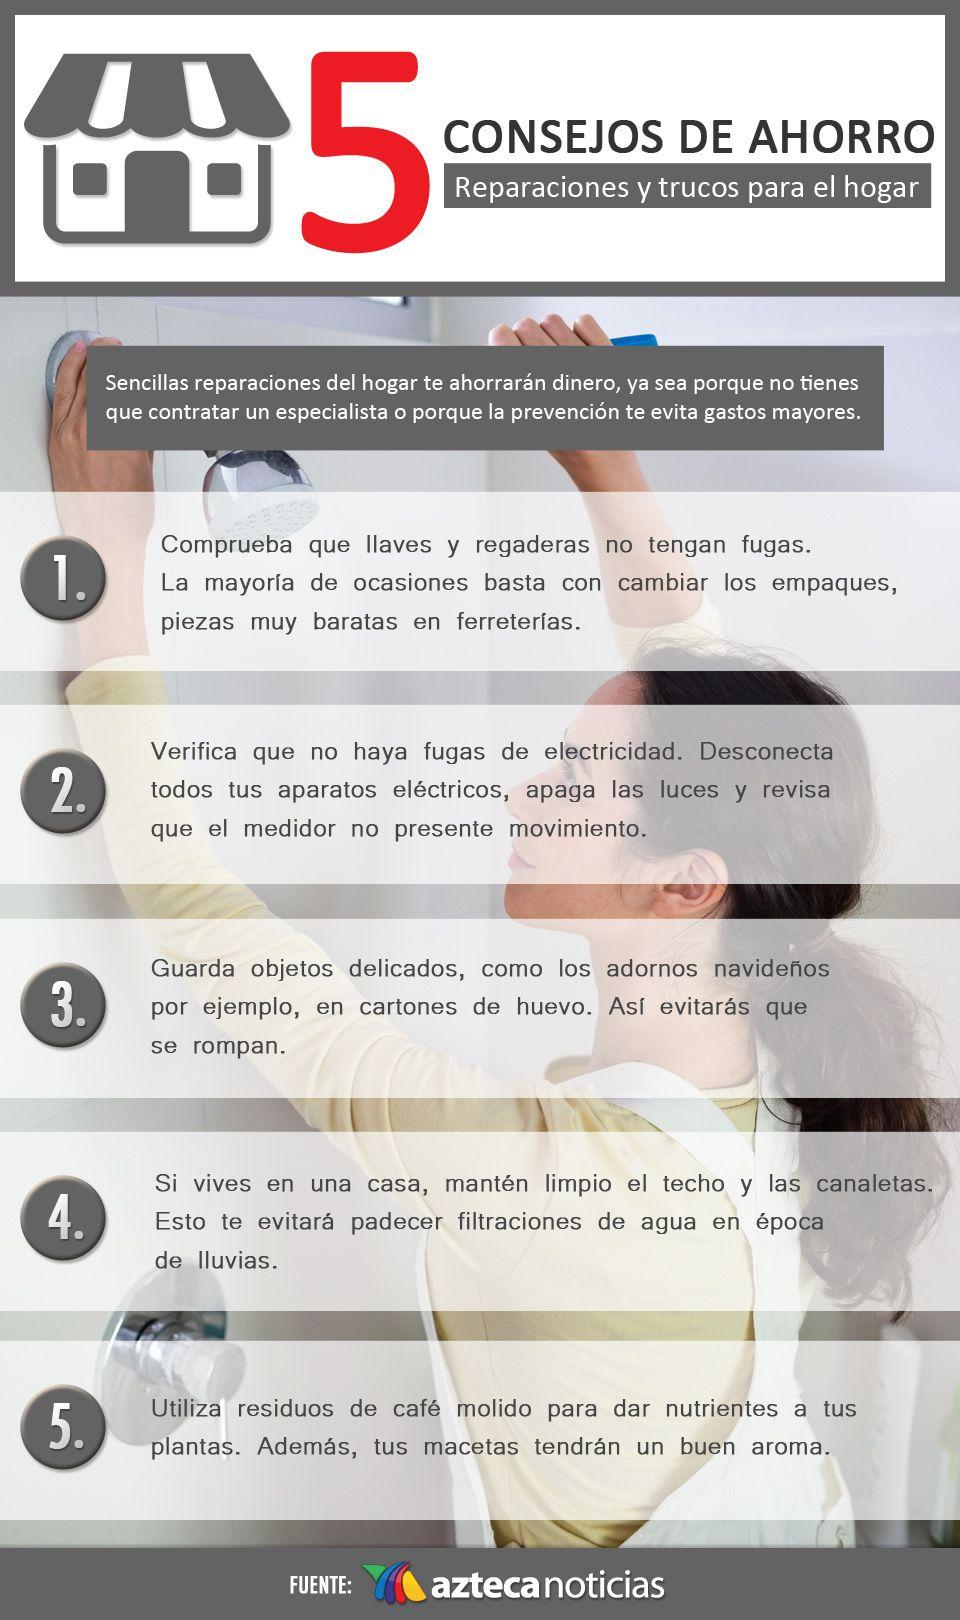 5 Consejos De Ahorro Reparaciones Y Trucos En El Infografia